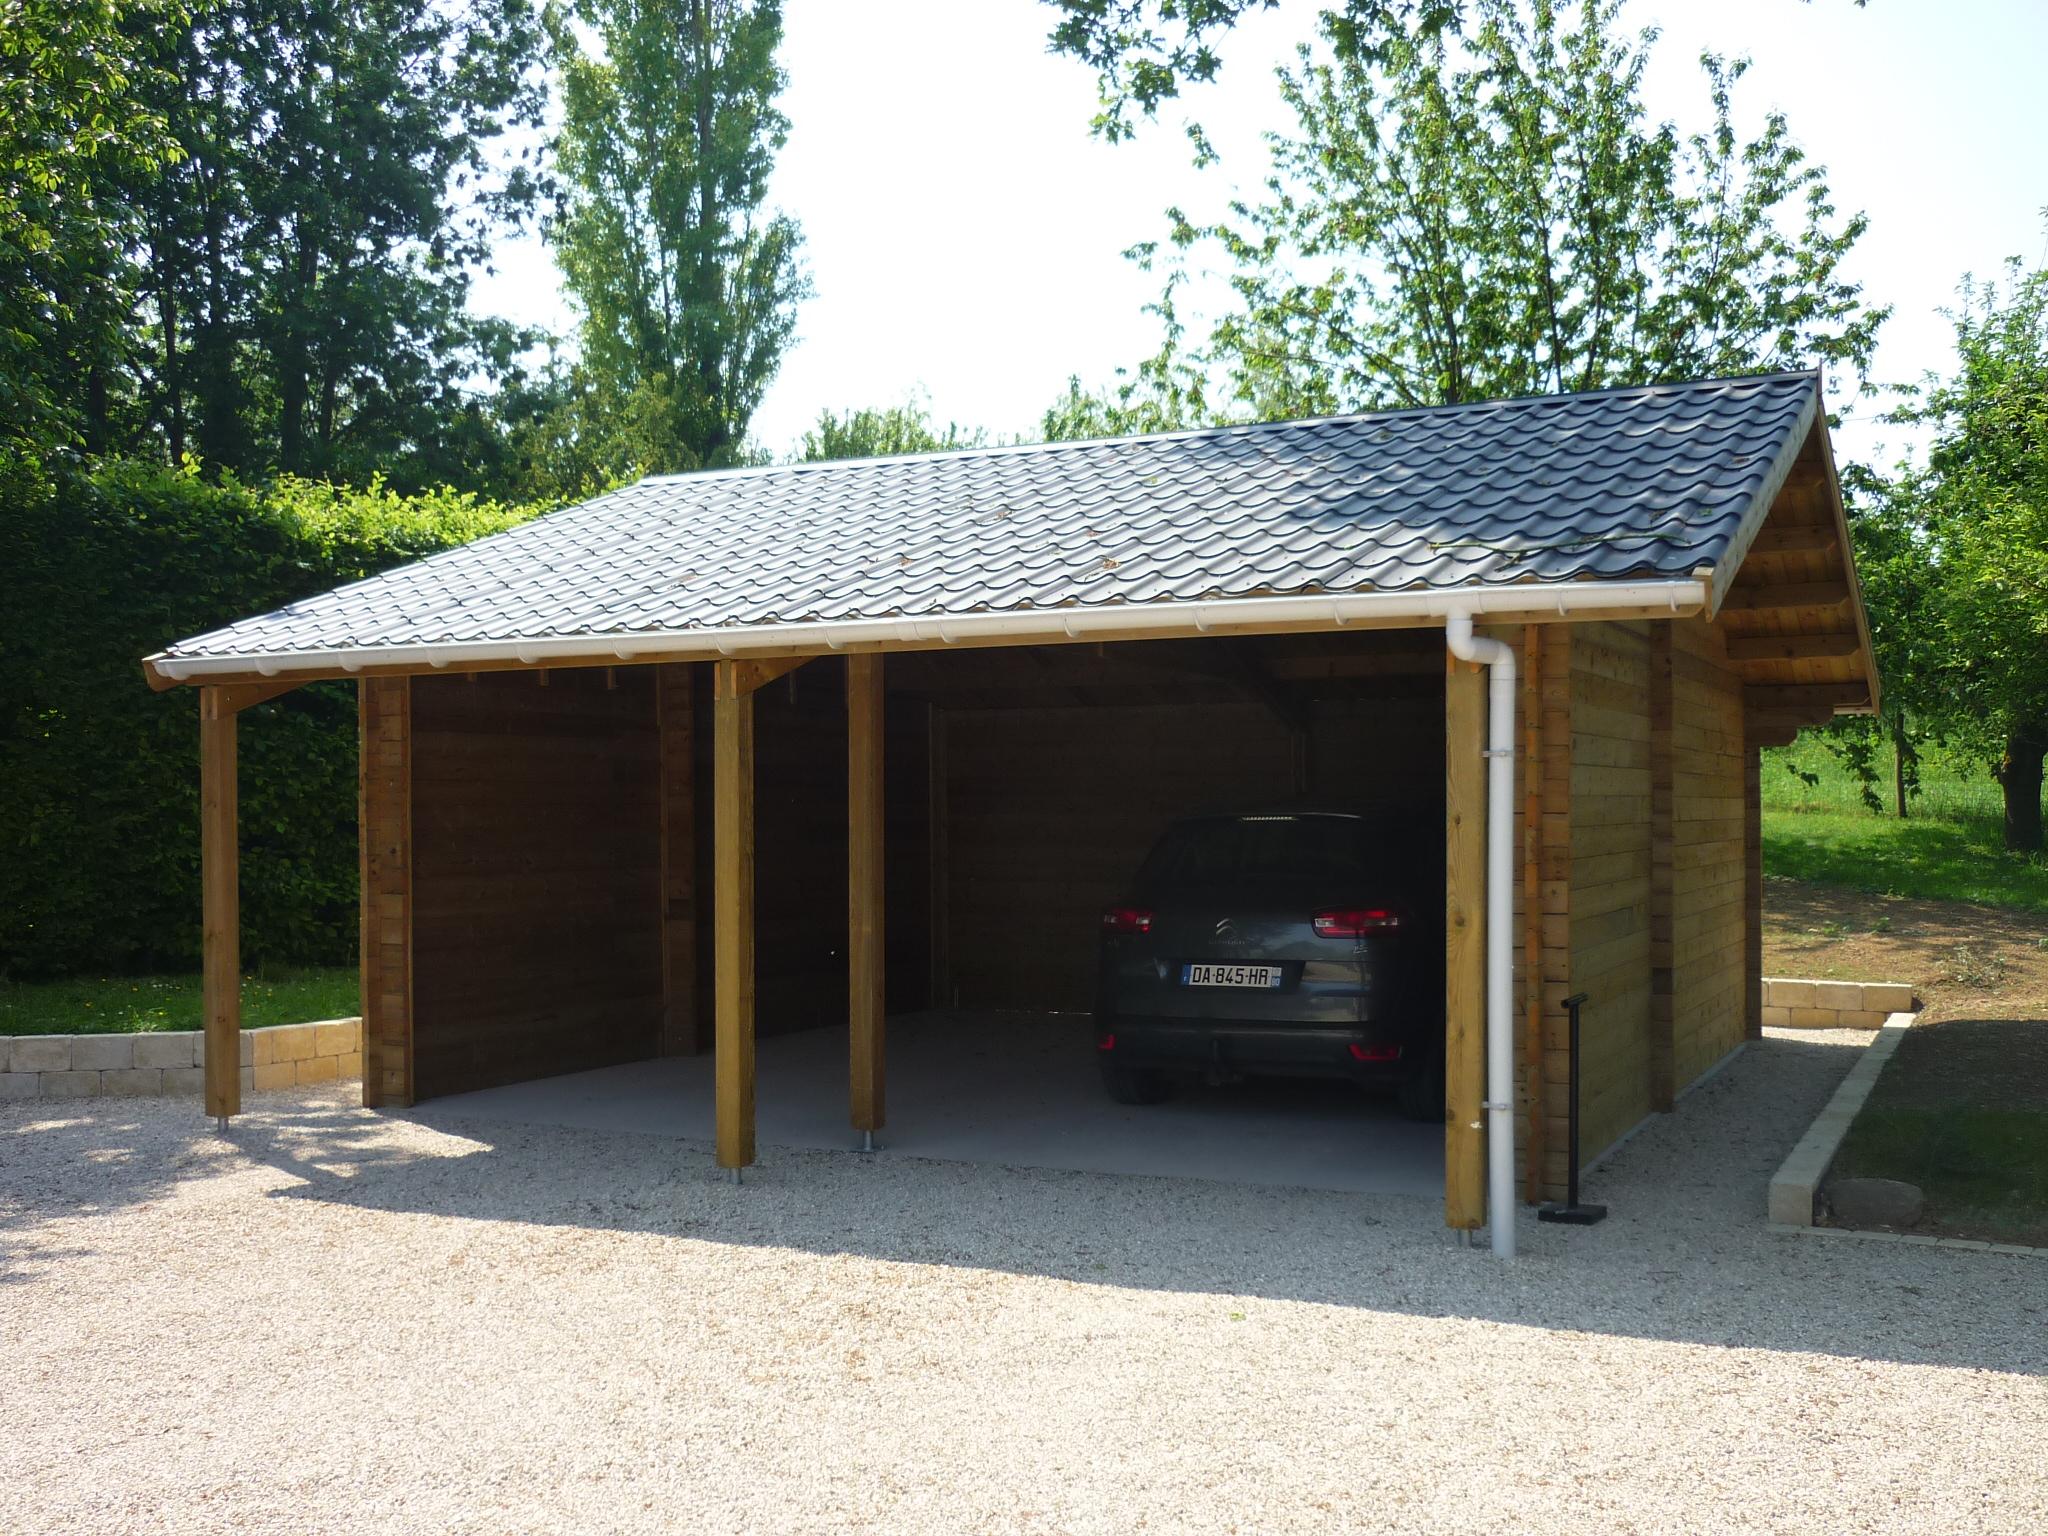 Colver créateur jardin paysagiste oise noyon compiègne création carport garage bois